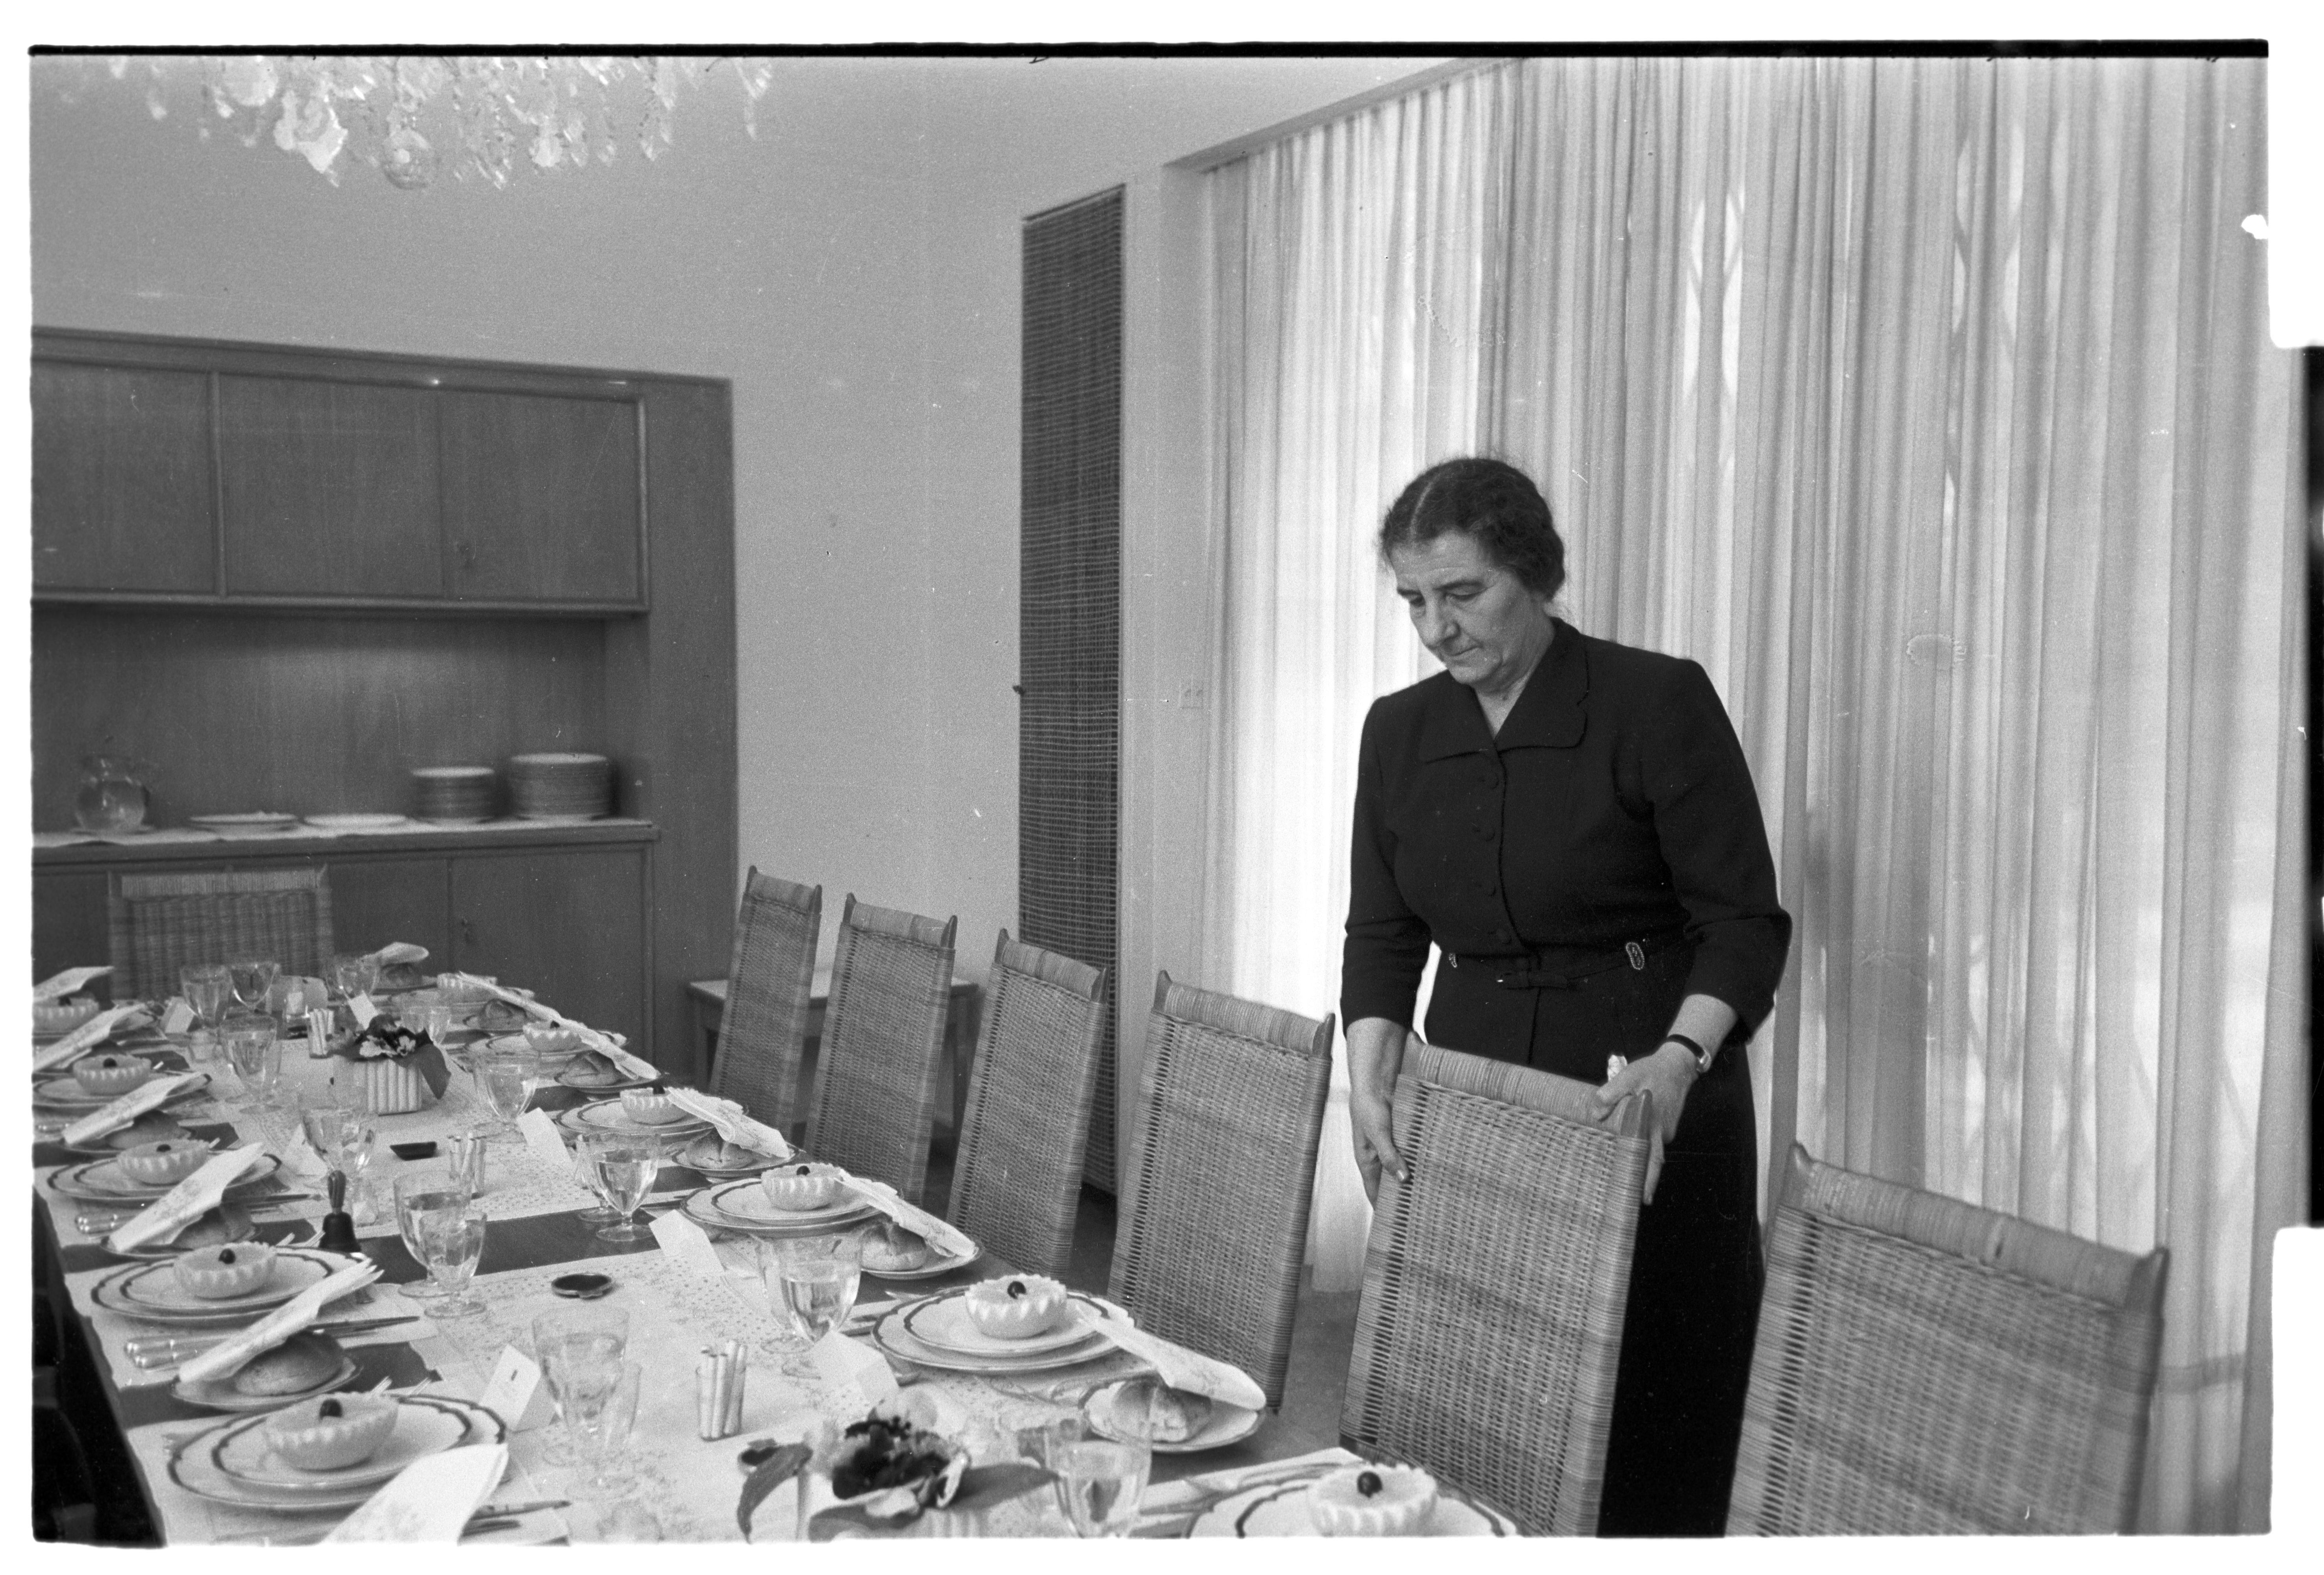 Голда накрывает стол к Песаху в своем доме в Иерусалиме, фото 1957 года